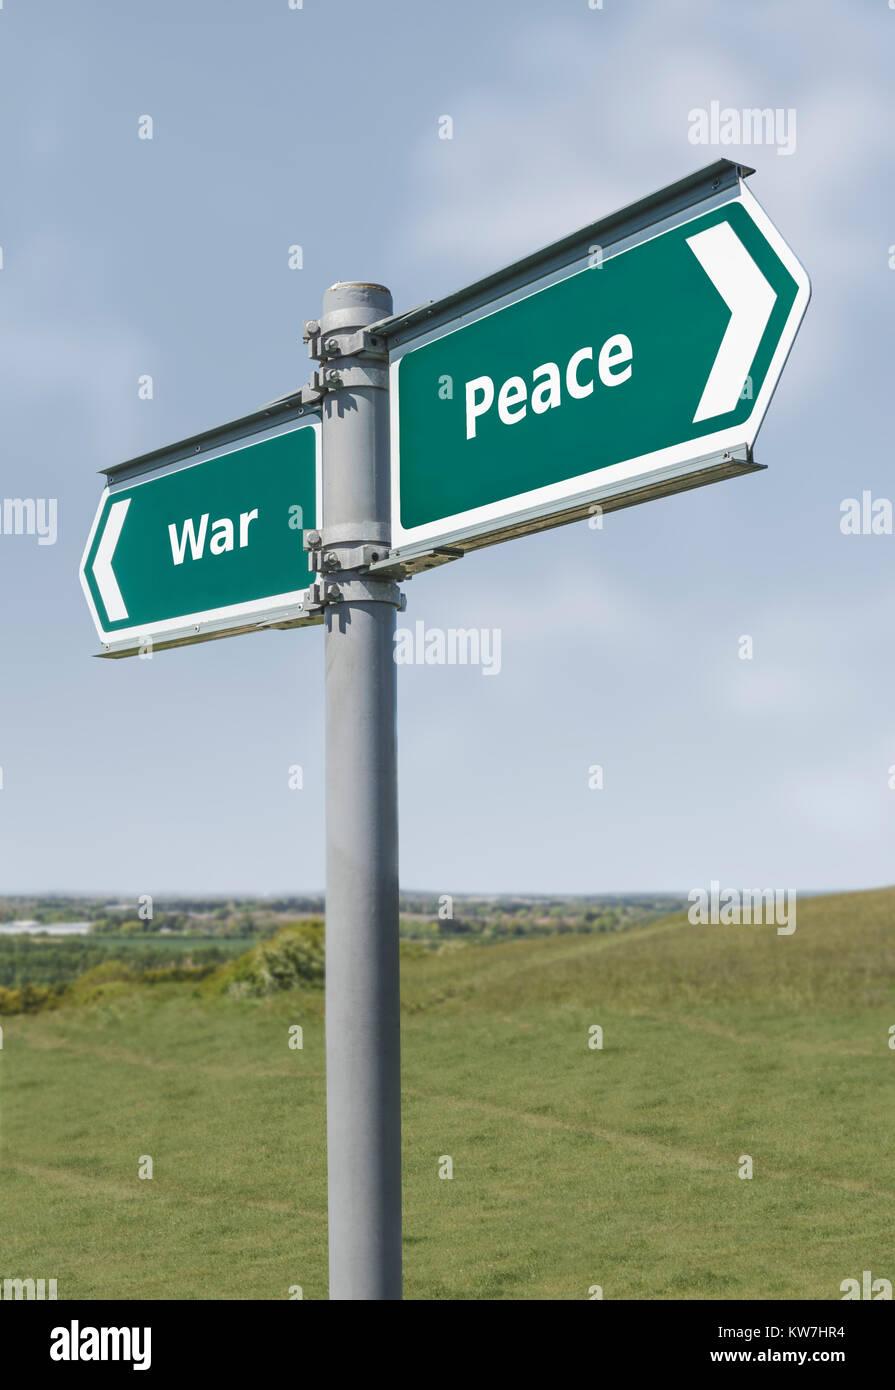 La guerra o la pace segno di direzione. Guerra pace concetto signpost. Immagini Stock